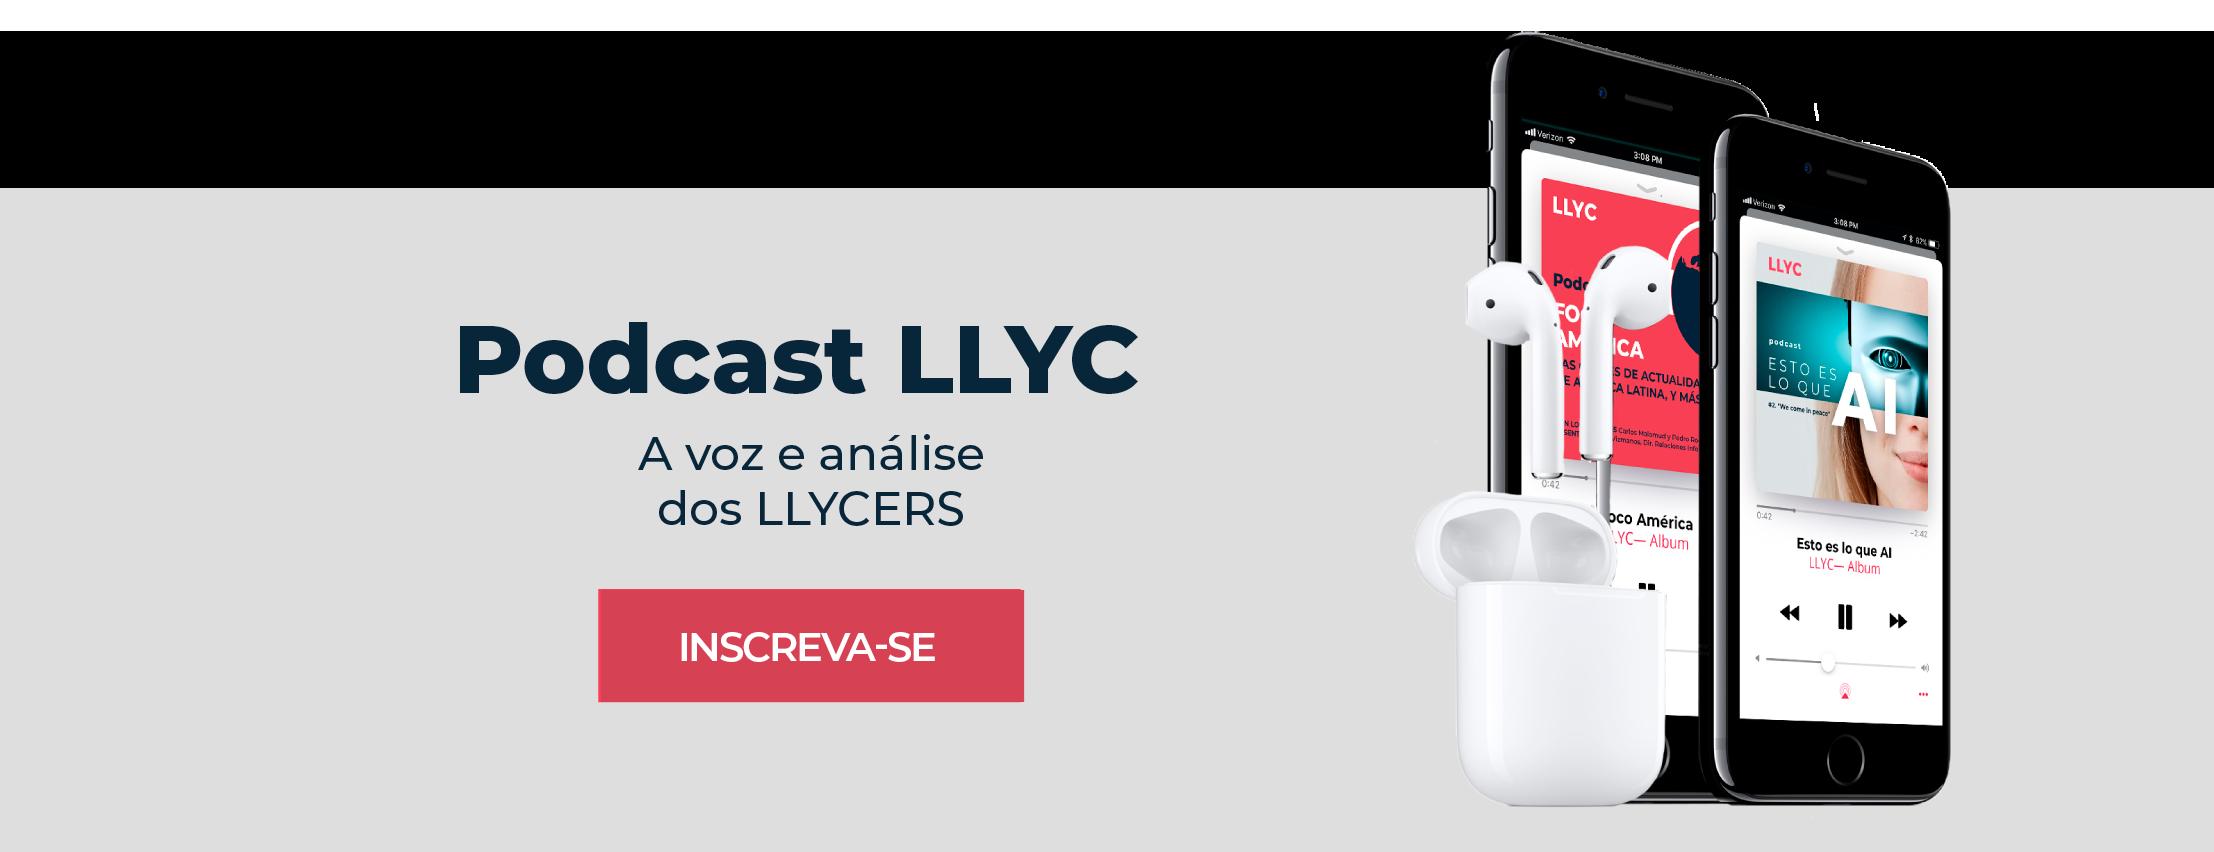 Podcast LLYC